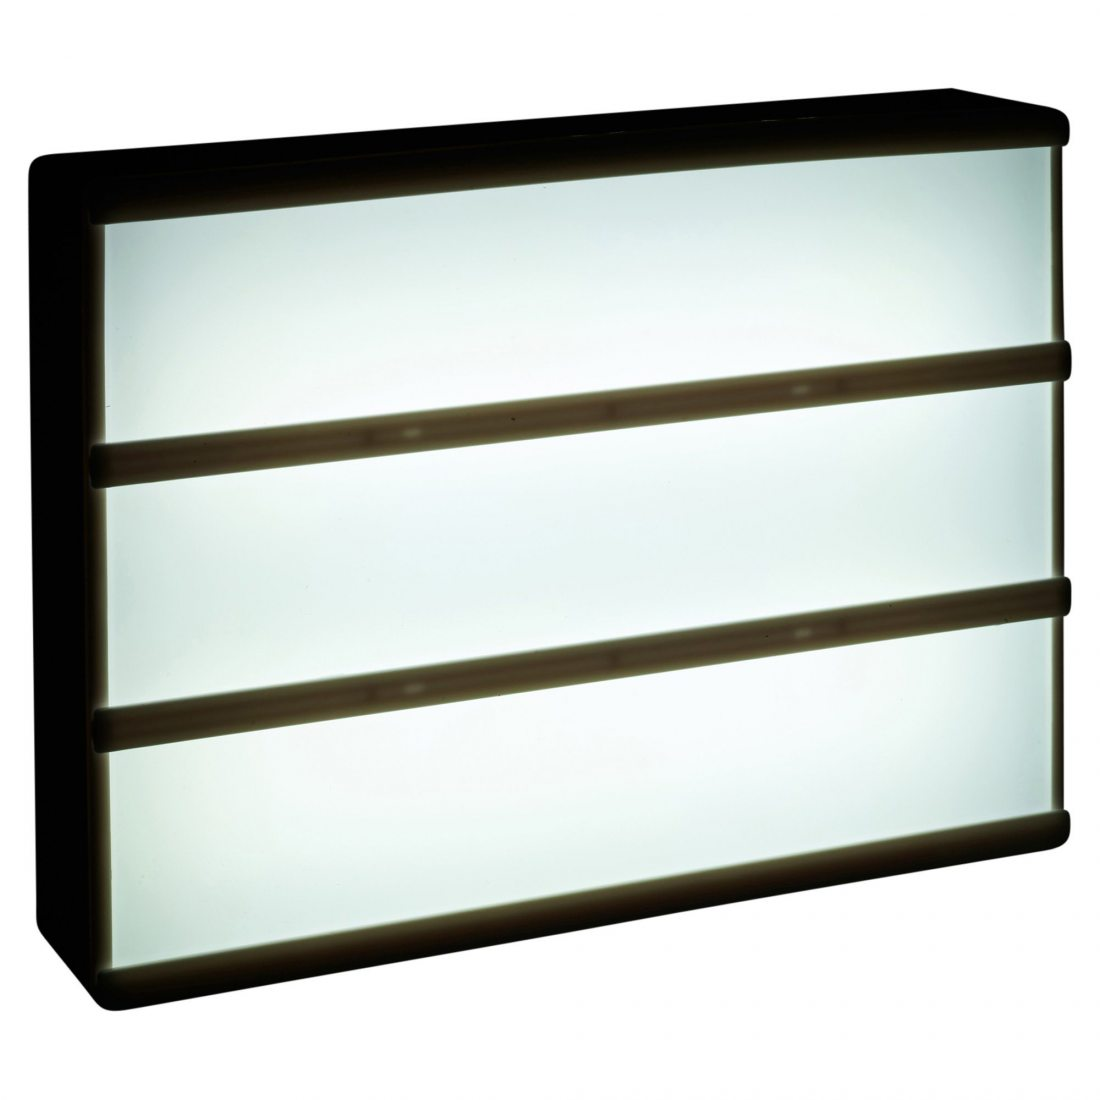 a4 lumi re led boite cin matographique tableau messages avec 84 caract res lettres nombres et. Black Bedroom Furniture Sets. Home Design Ideas